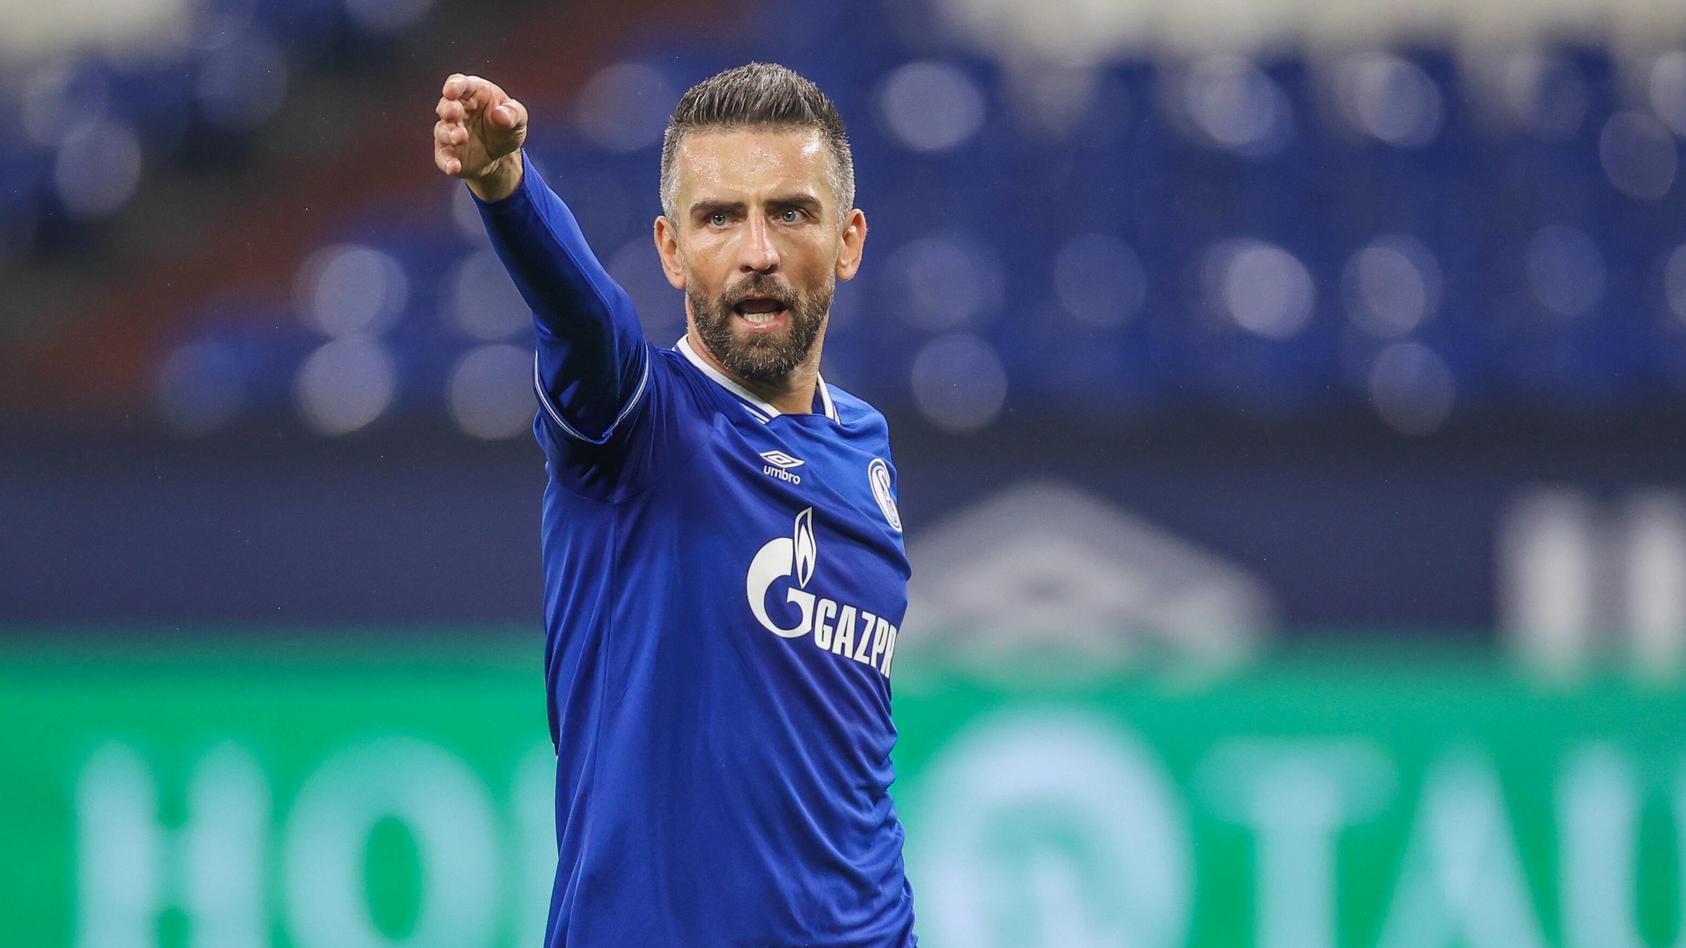 Vedad Ibisevic im Trikot des FC Schalke 04.